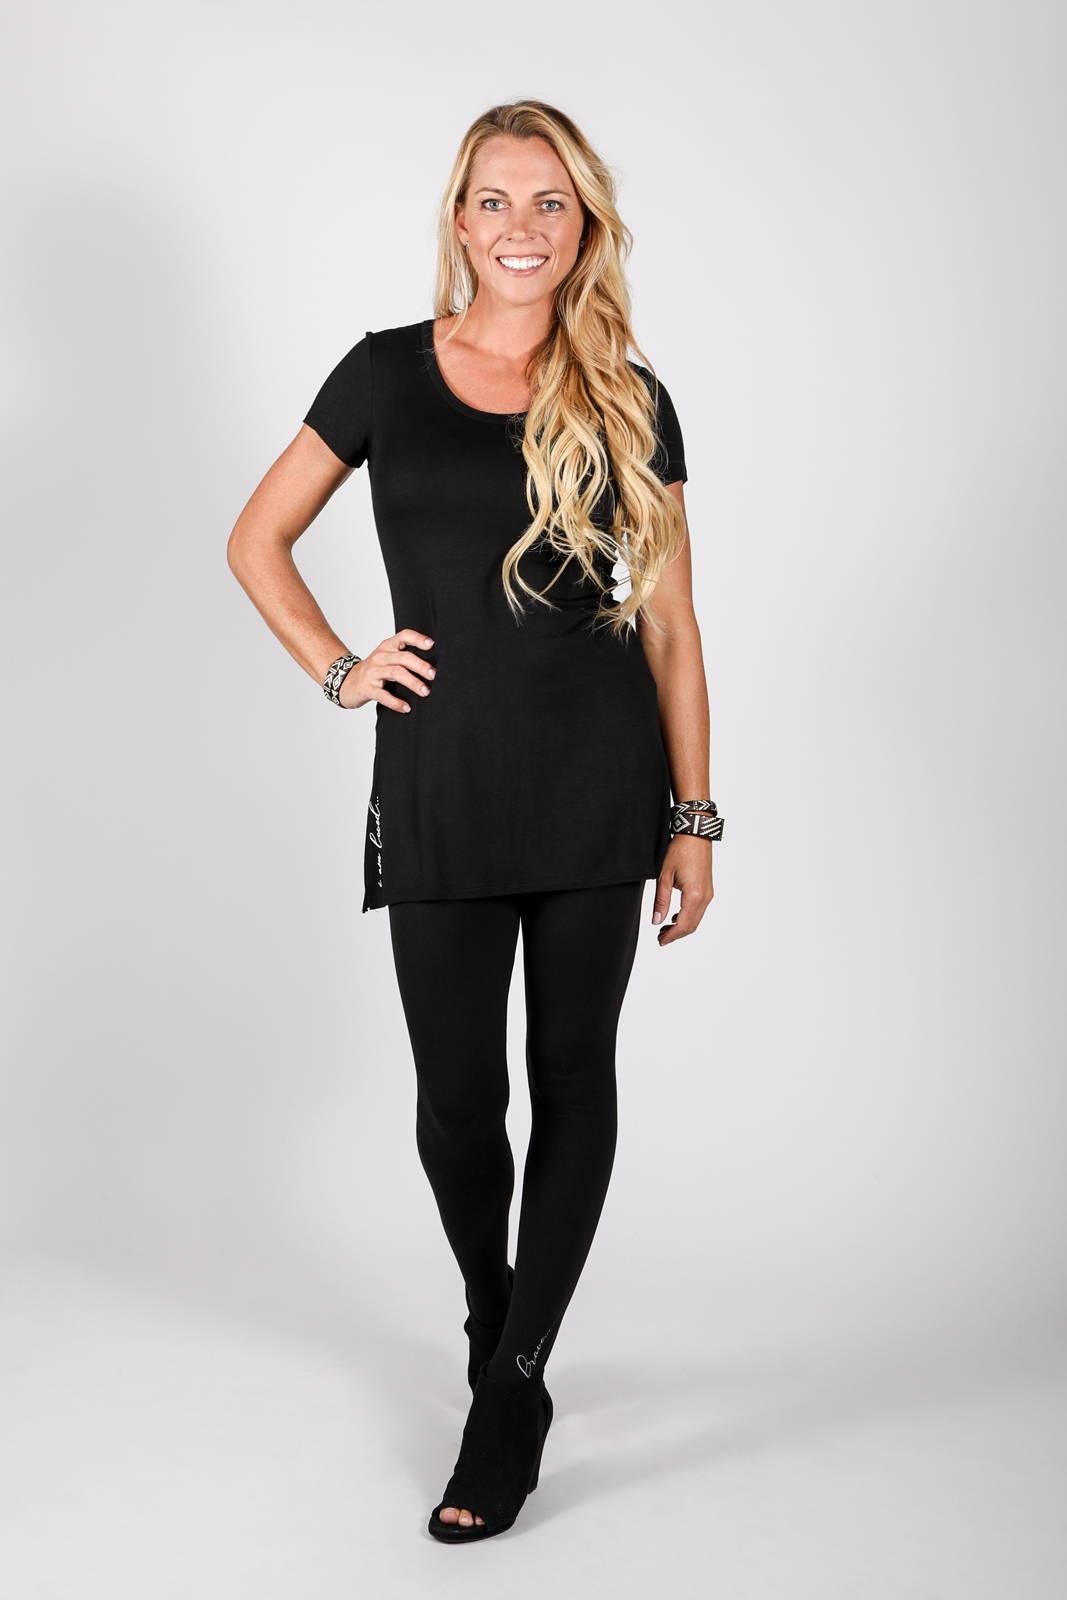 Model wearing the Dawl Tunic in black and Lumo Legging in black